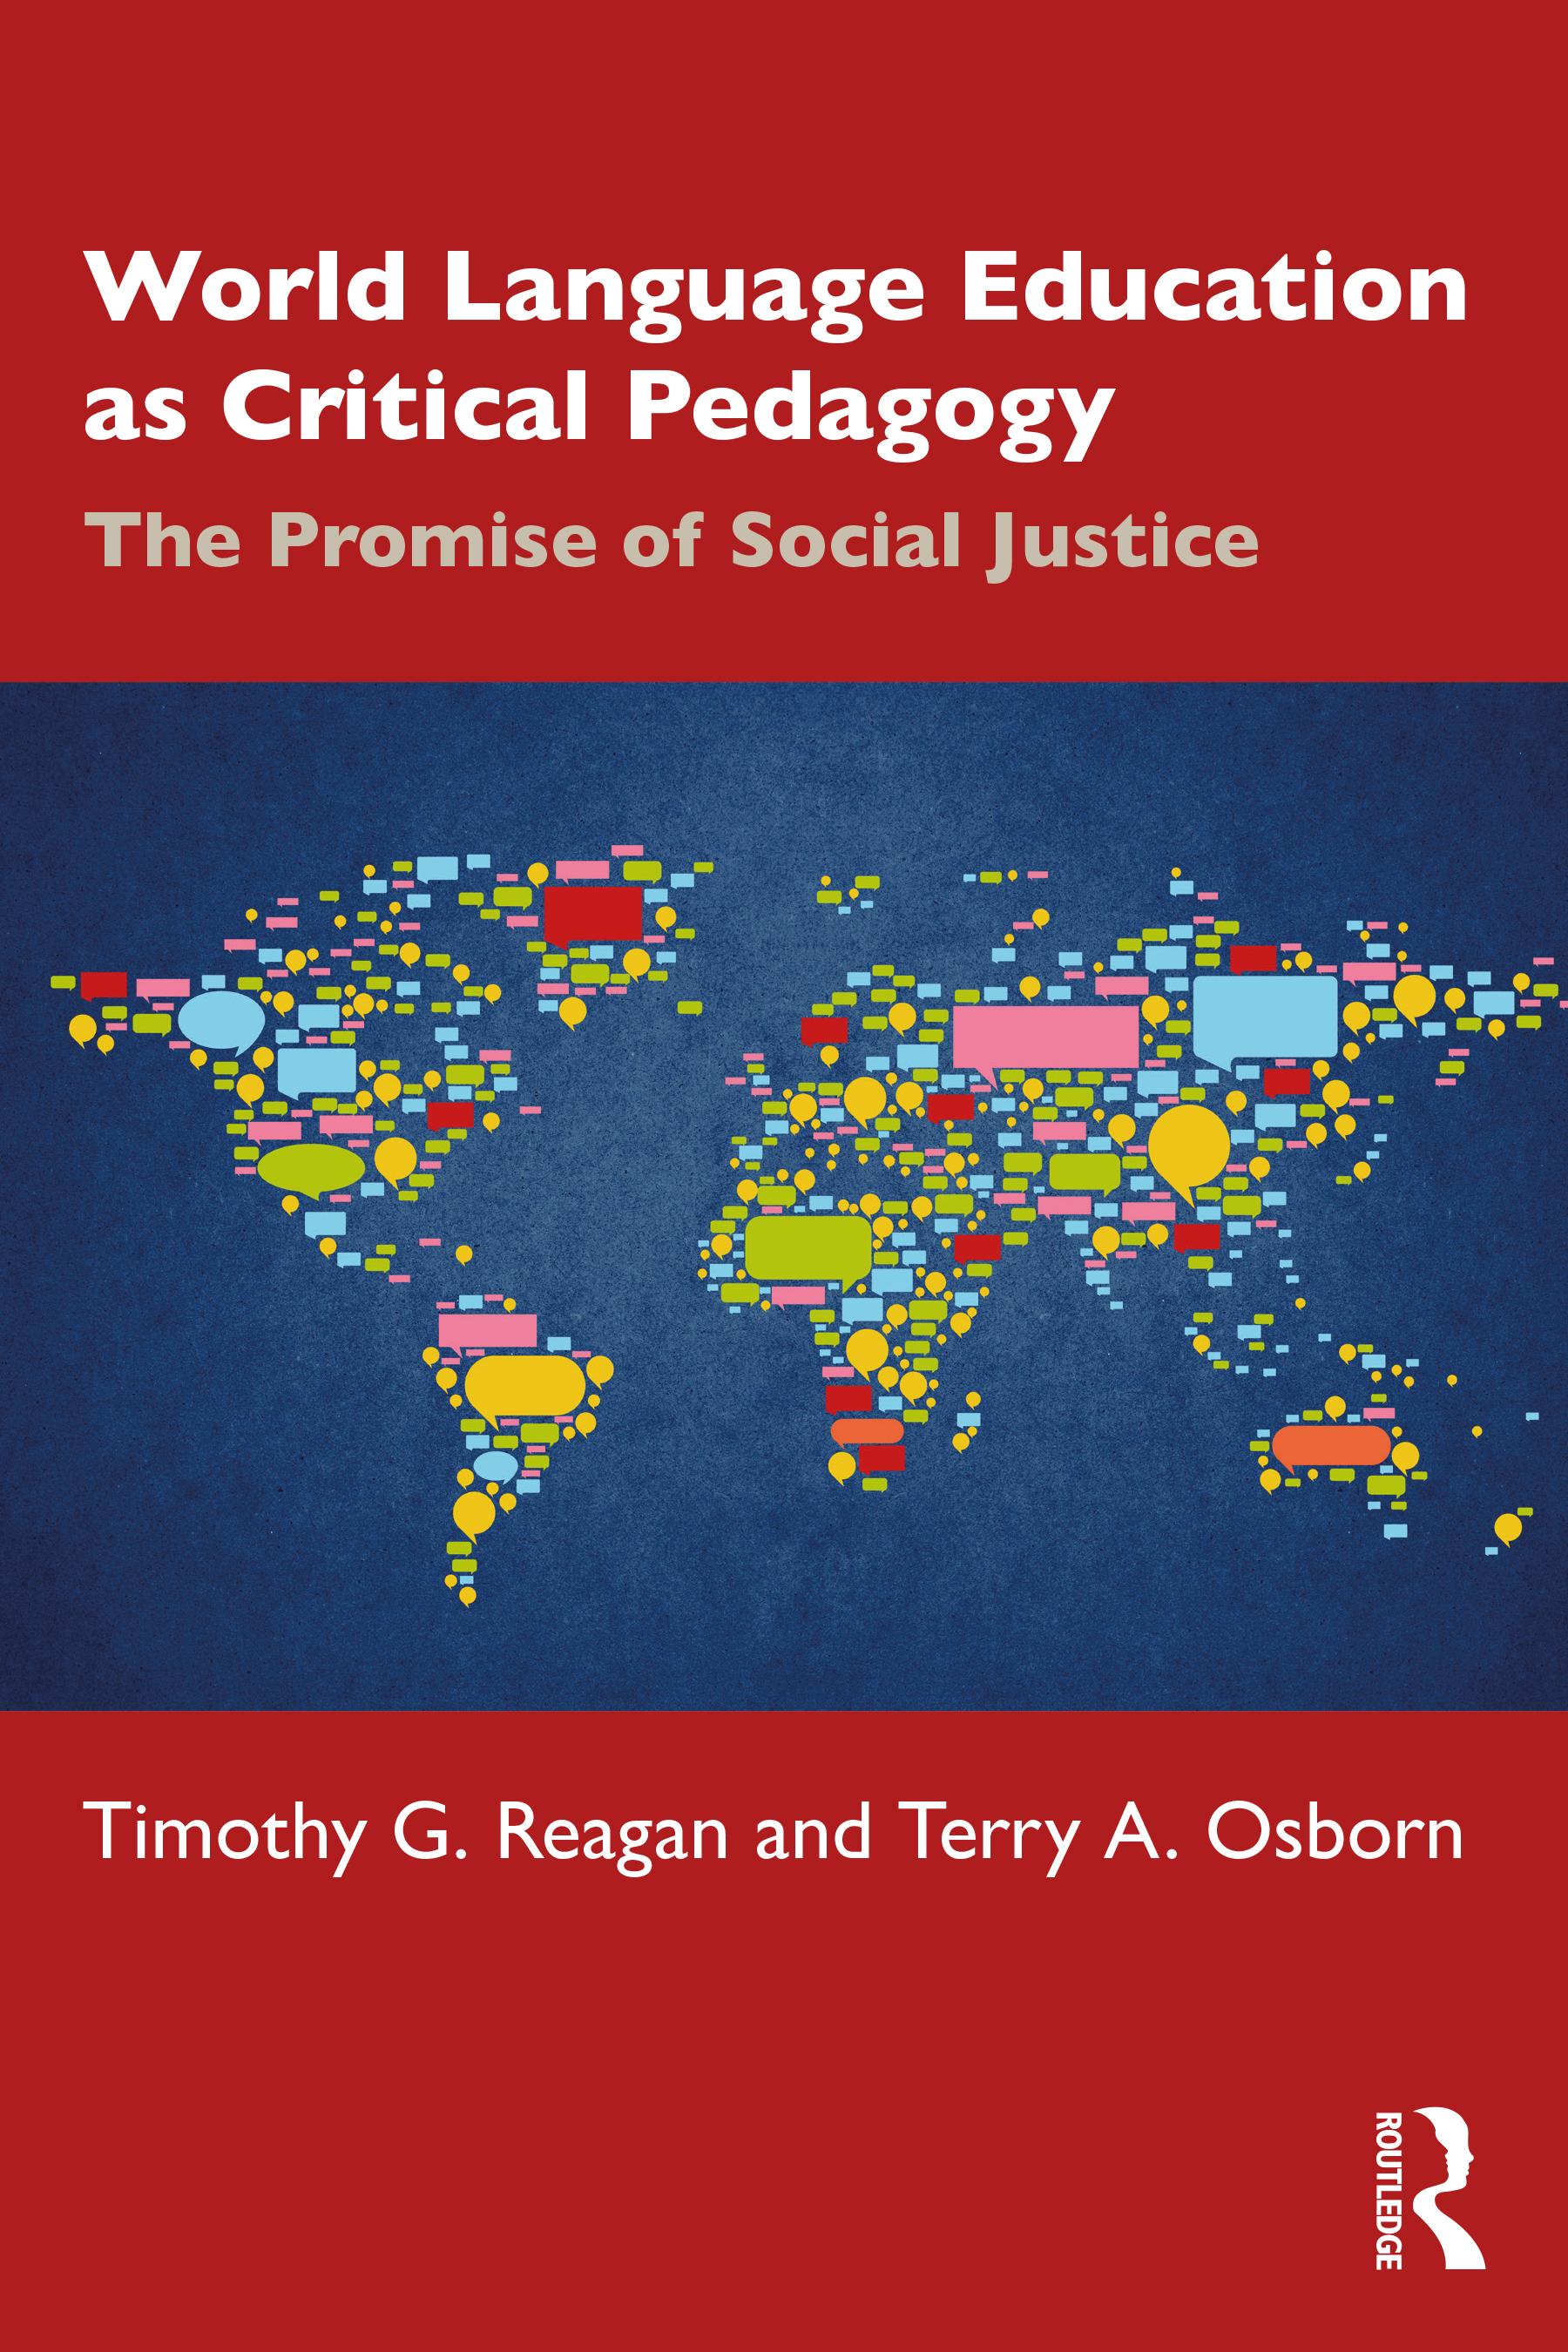 World Language Education as Critical Pedagogy